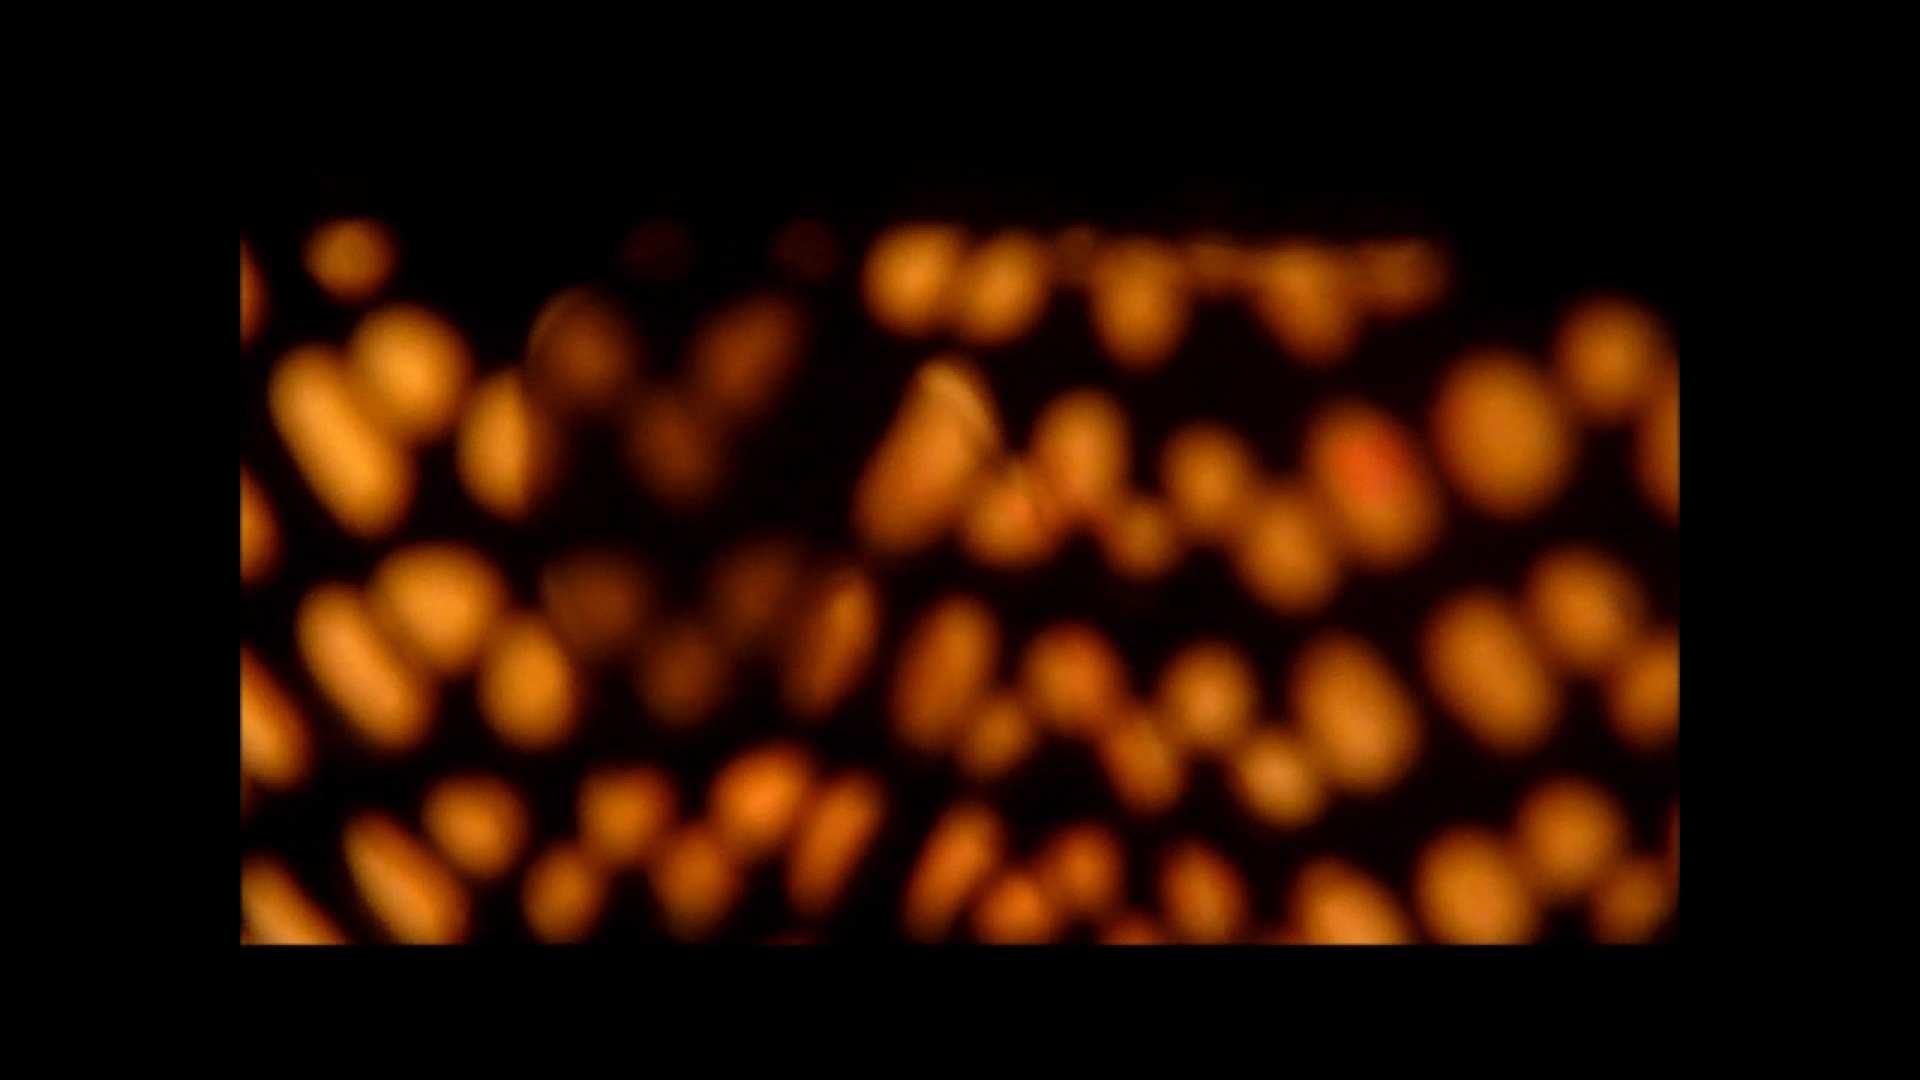 【02】ベランダに侵入して張り込みを始めて・・・やっと結果が出ました。 家宅侵入 | 0  82画像 45